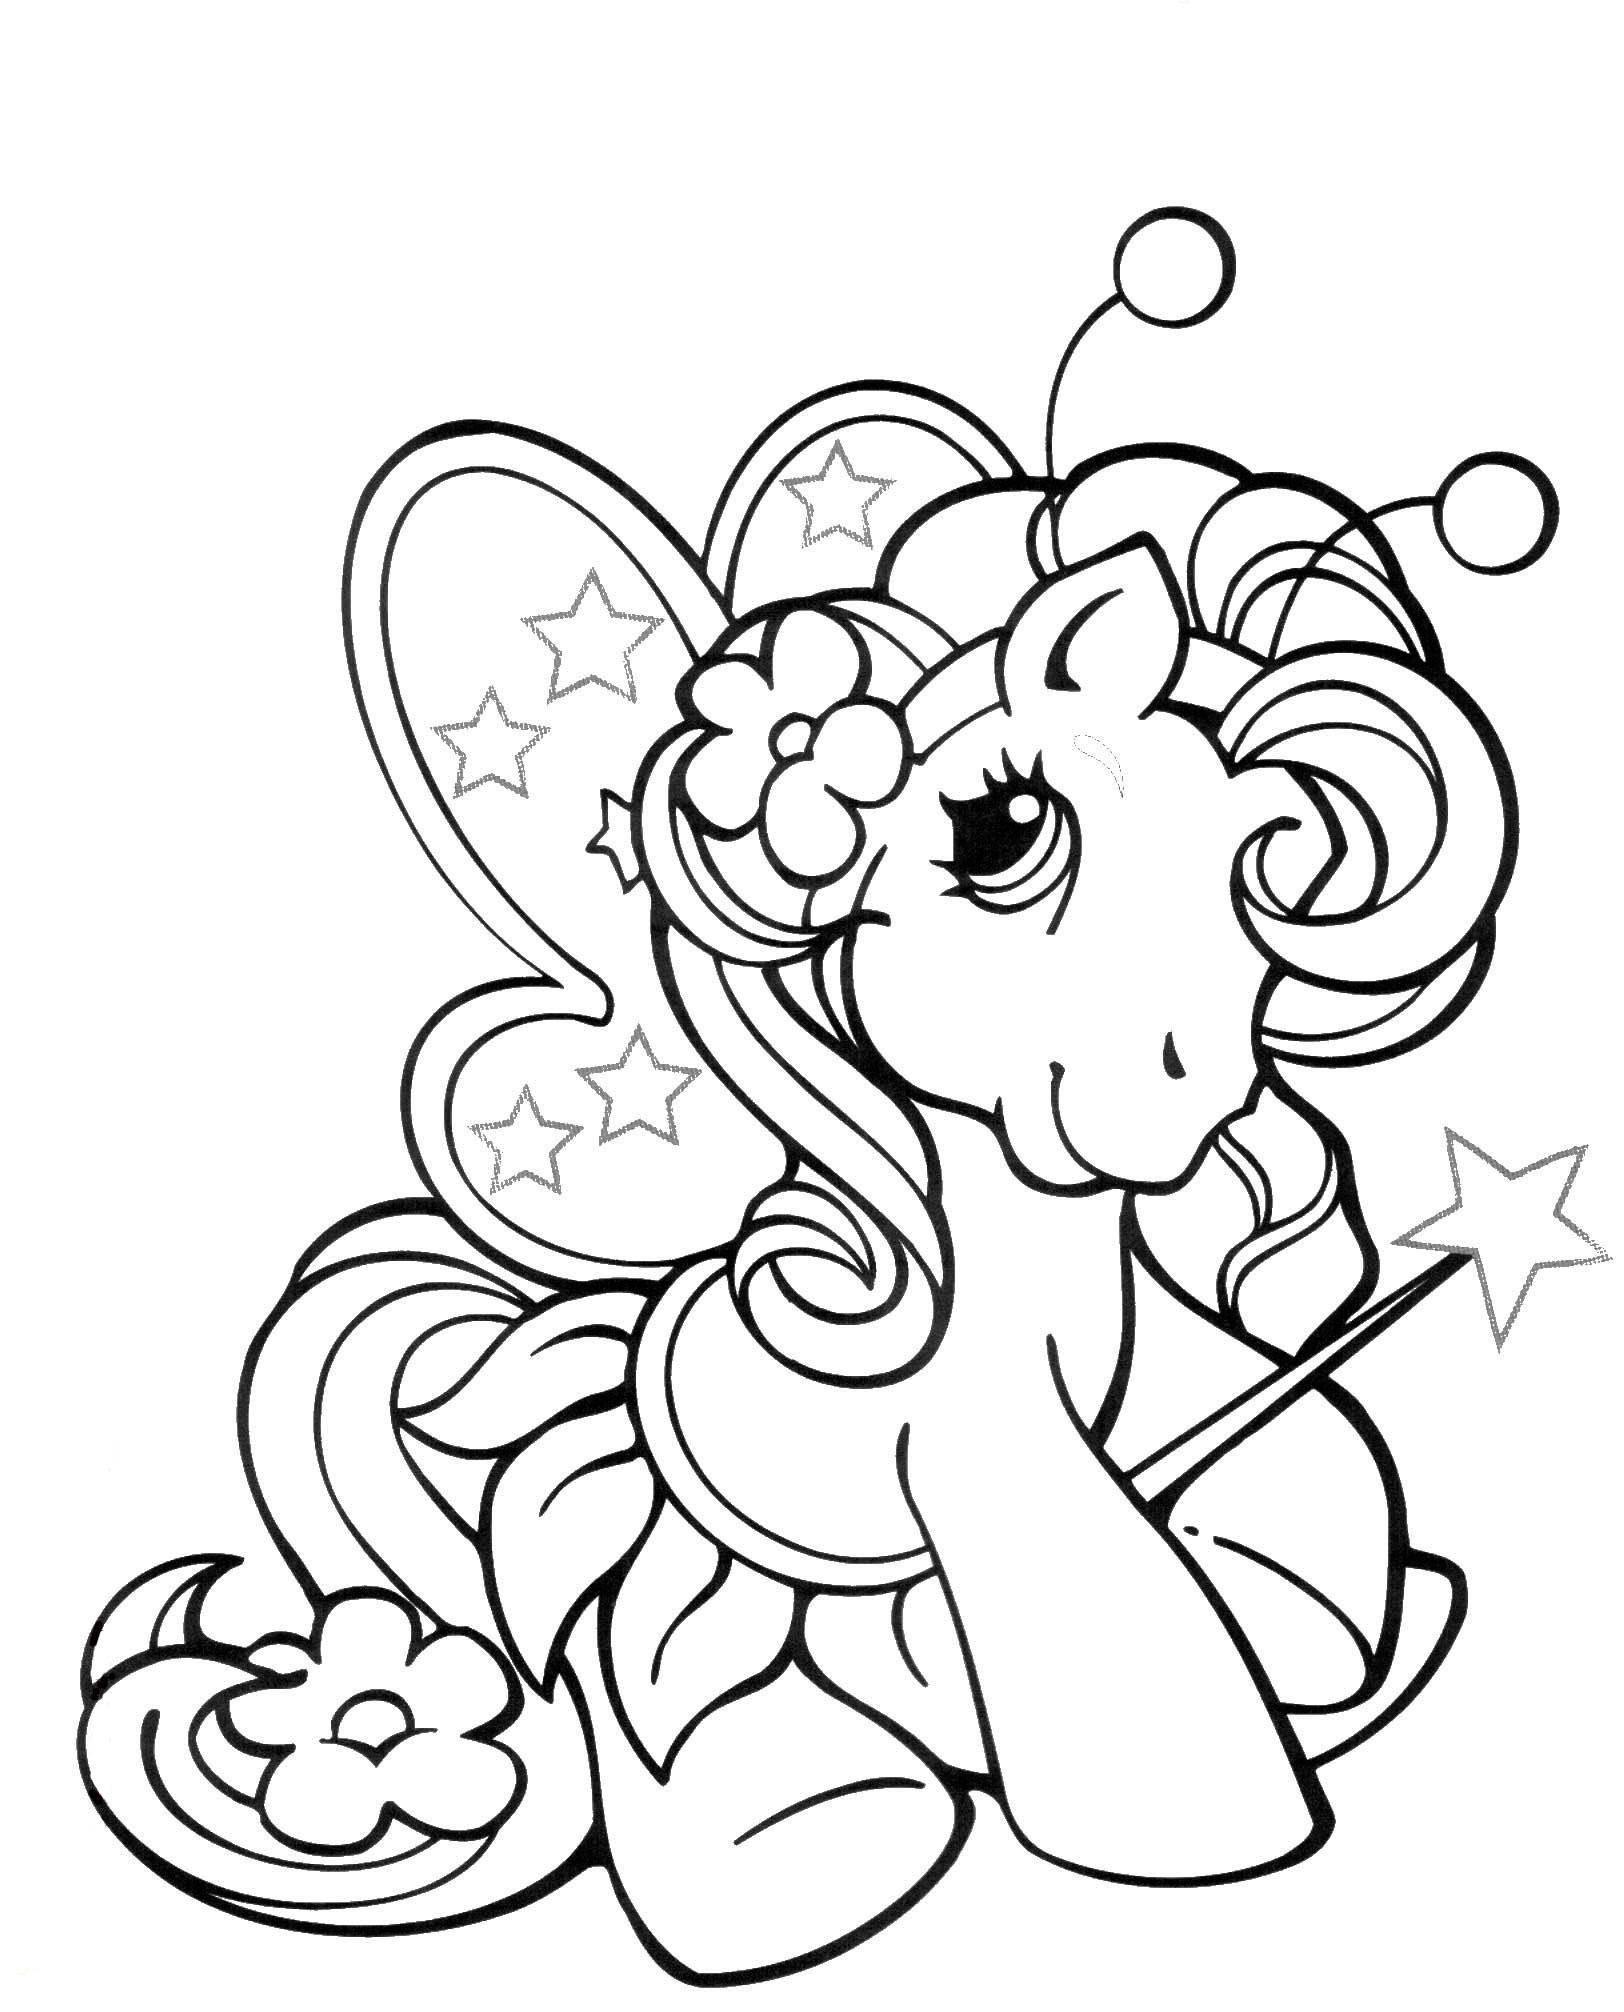 Раскраска Пони филли бабочка Скачать пони.  Распечатать ,домашние животные,